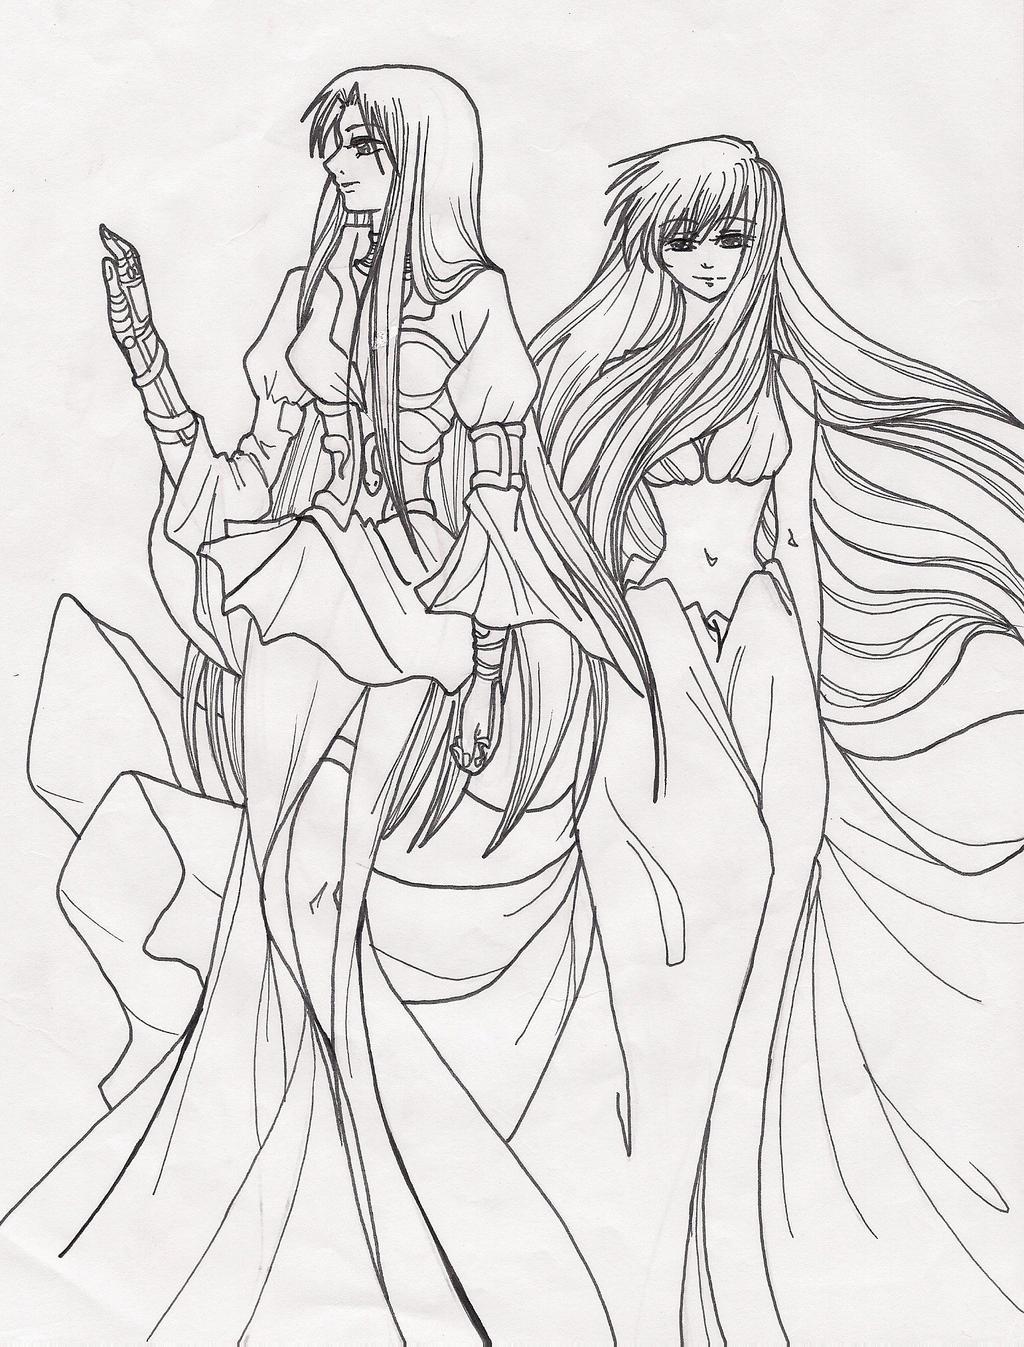 manga coloring pages - pandora and sasha manga version by lemalec on deviantart